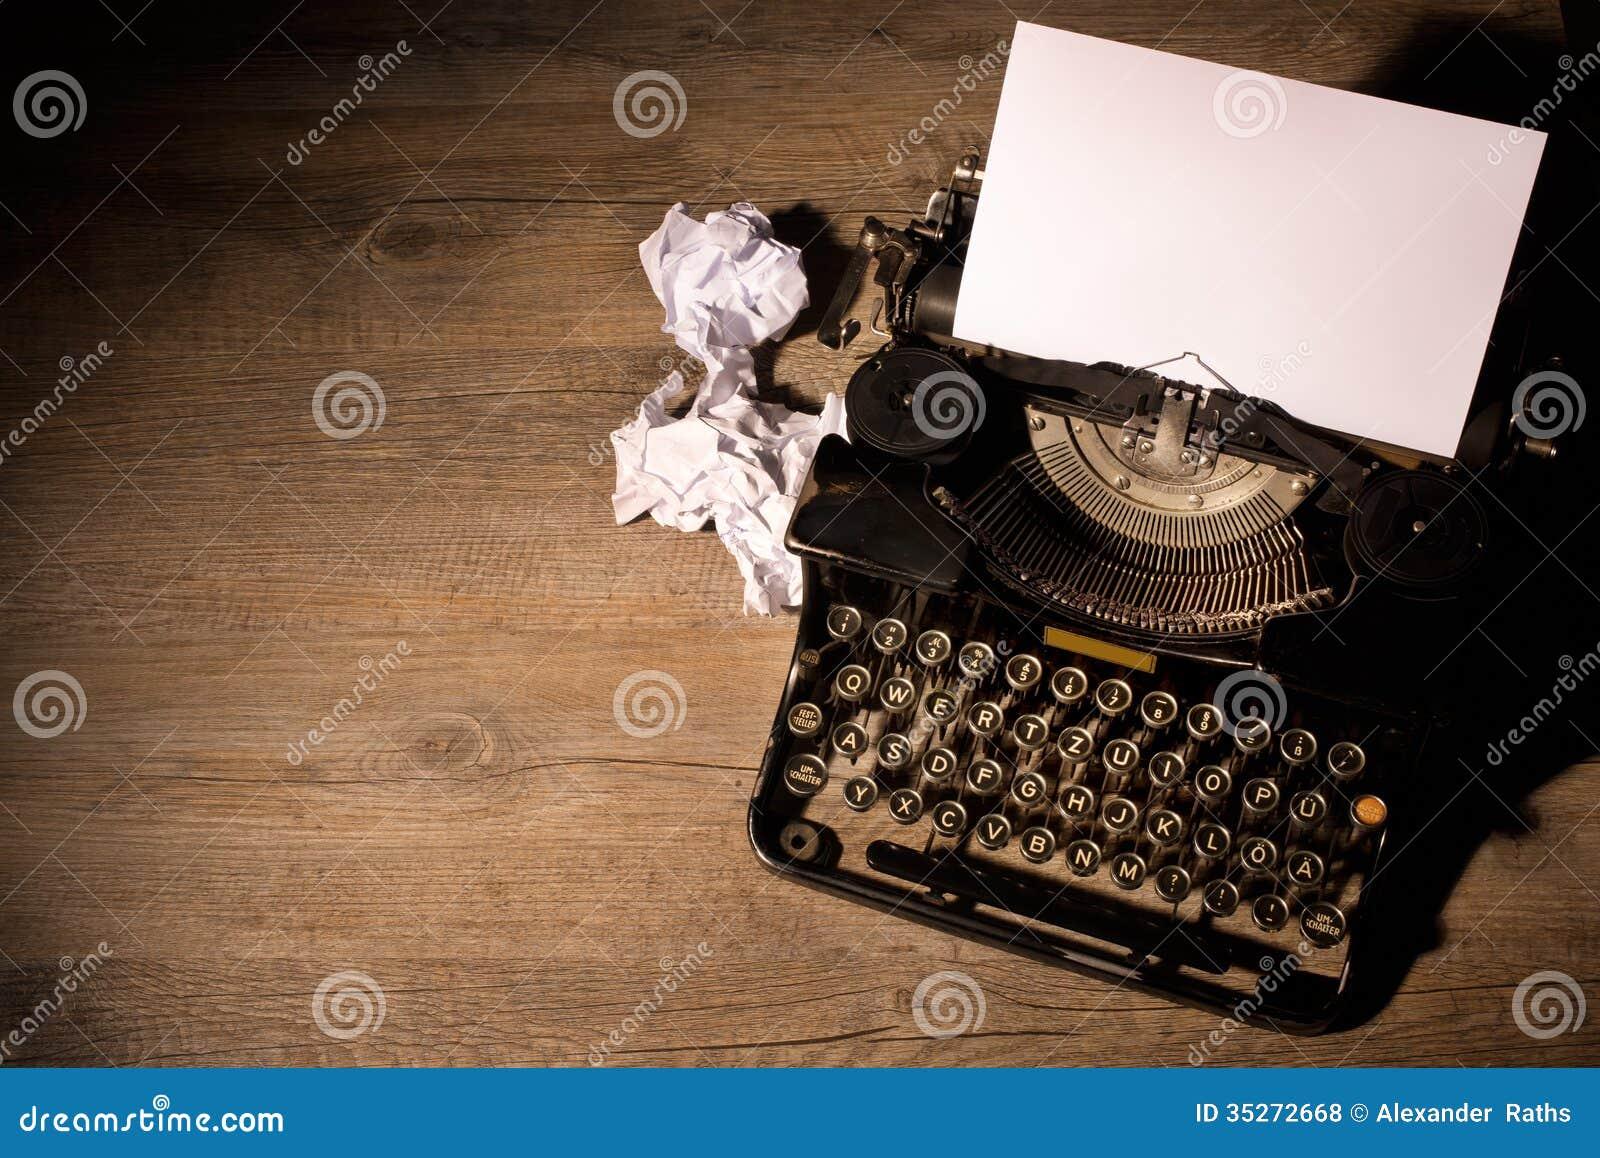 Vintage Typewriter Roy... Vintage Typewriter Paper Photography